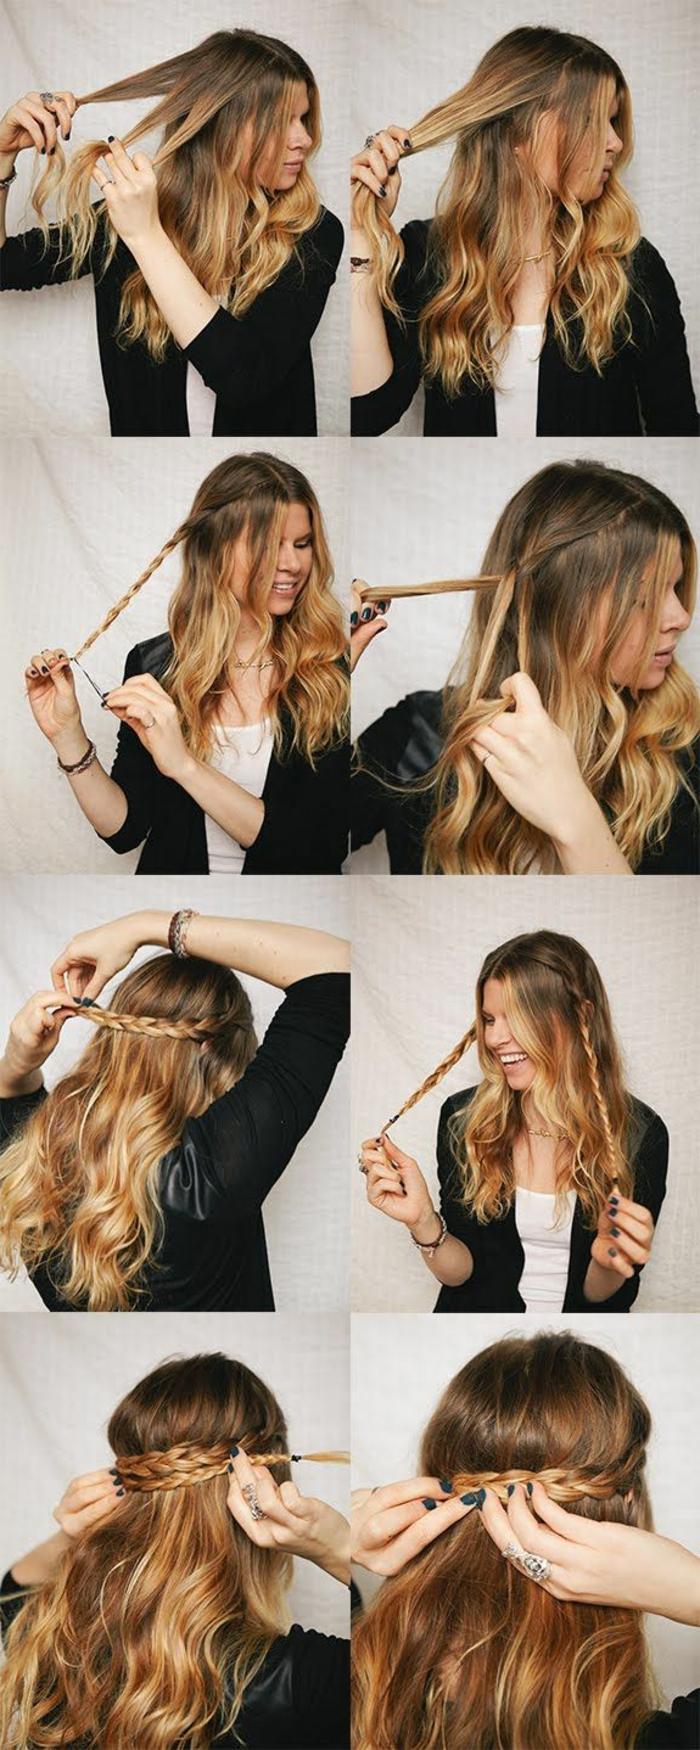 coiffure-avec-tresse-se-faire-une-jolie-couronne-de-tresses